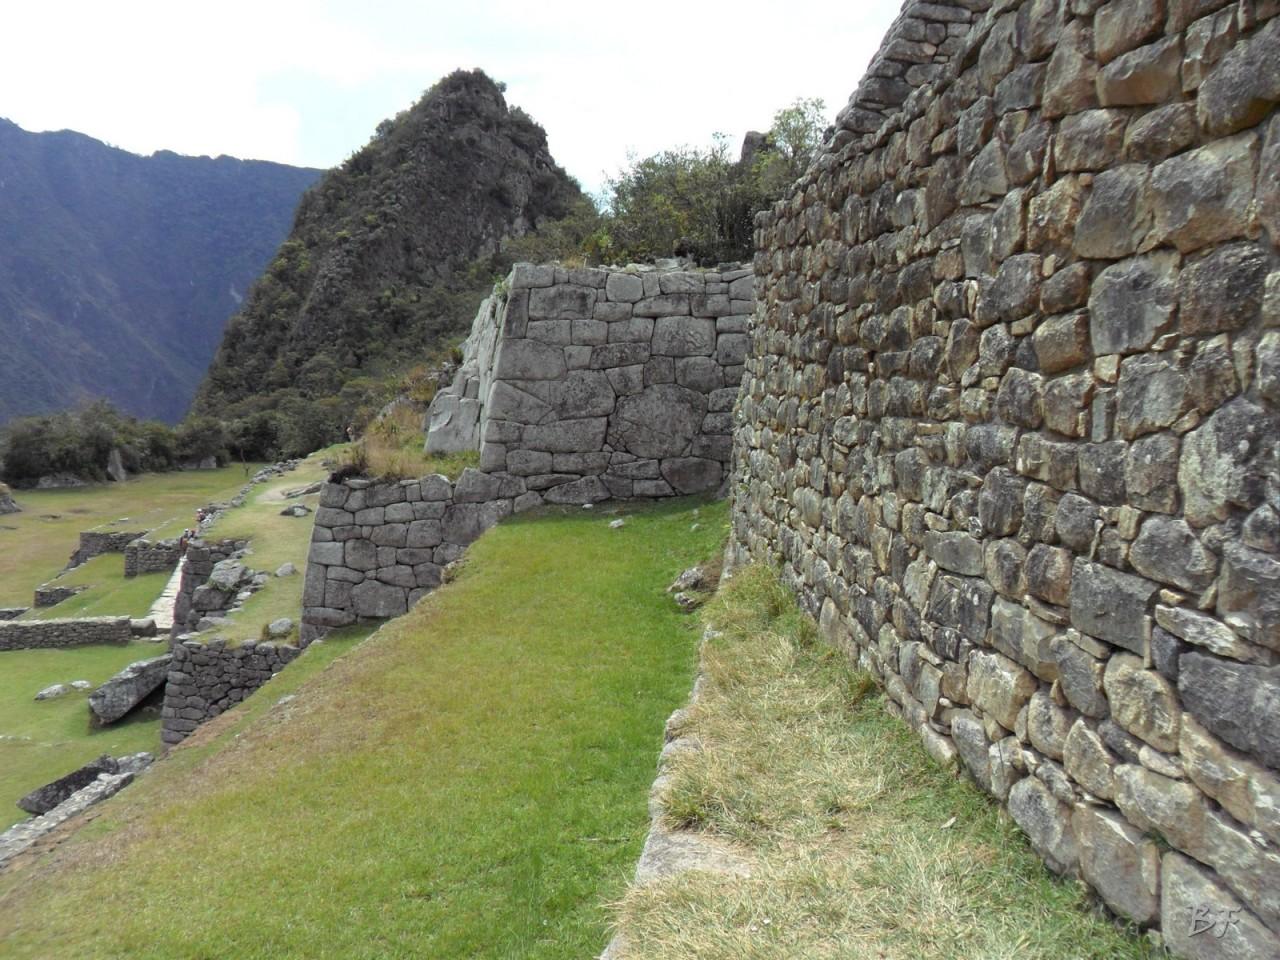 Mura-Poligonali-Incisioni-Altari-Edifici-Rupestri-Megaliti-Machu-Picchu-Aguas-Calientes-Urubamba-Cusco-Perù-135